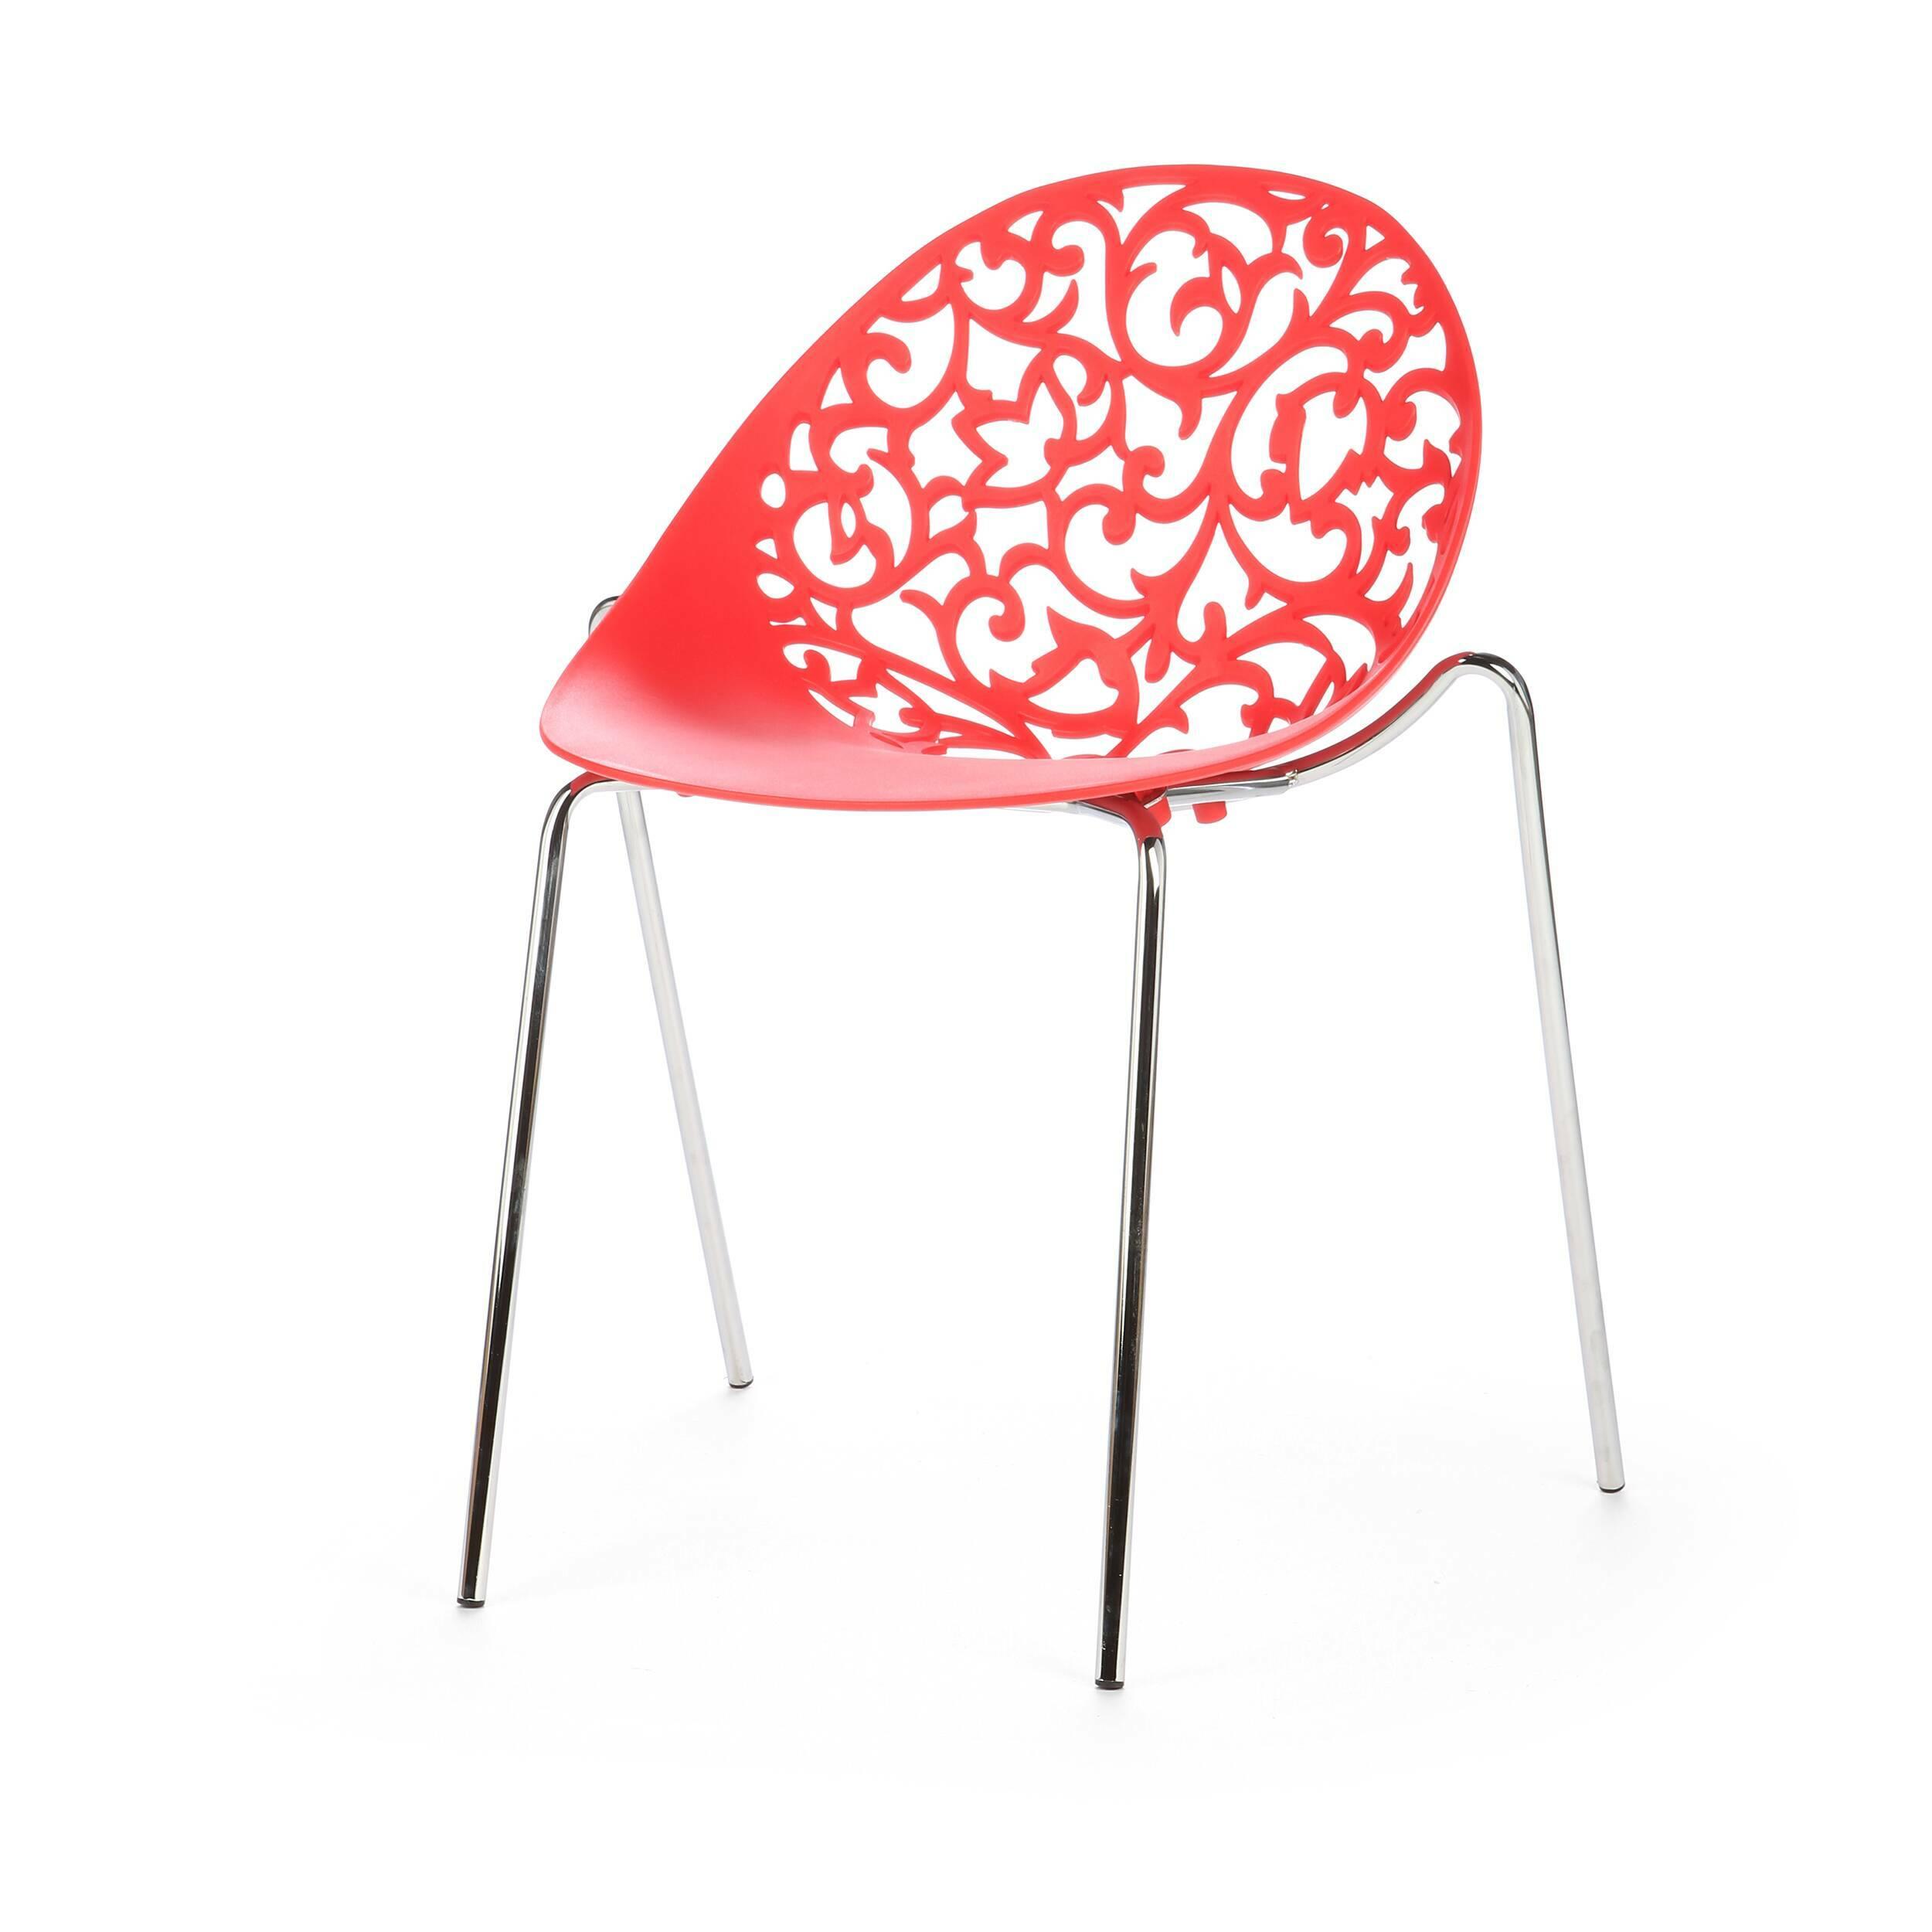 Стул Aurora 1Интерьерные<br>Дизайнерский минималистичный стул Aurora 1 (Аврора 1) на длинных тонких металлических ножках и полипропиленовой спинкой с вырезанным узором от Cosmo (Космо).<br><br><br> Эксклюзивное предложение для ценителей классических, венецианских, восточных интерьеров с ноткой современного минимализма и гламура — стул Aurora 1. Прочные устойчивые ножки изготовлены из хромированной стали, а вогнутое округлое сиденье сделано из цельного полипропилена. Невысокая спинка стула украшена виртуозными резными узорами ...<br><br>stock: 40<br>Высота: 79<br>Высота сиденья: 46<br>Ширина: 50<br>Глубина: 53,5<br>Цвет ножек: Хром<br>Цвет сидения: Красный<br>Тип материала сидения: Полипропилен<br>Тип материала ножек: Сталь